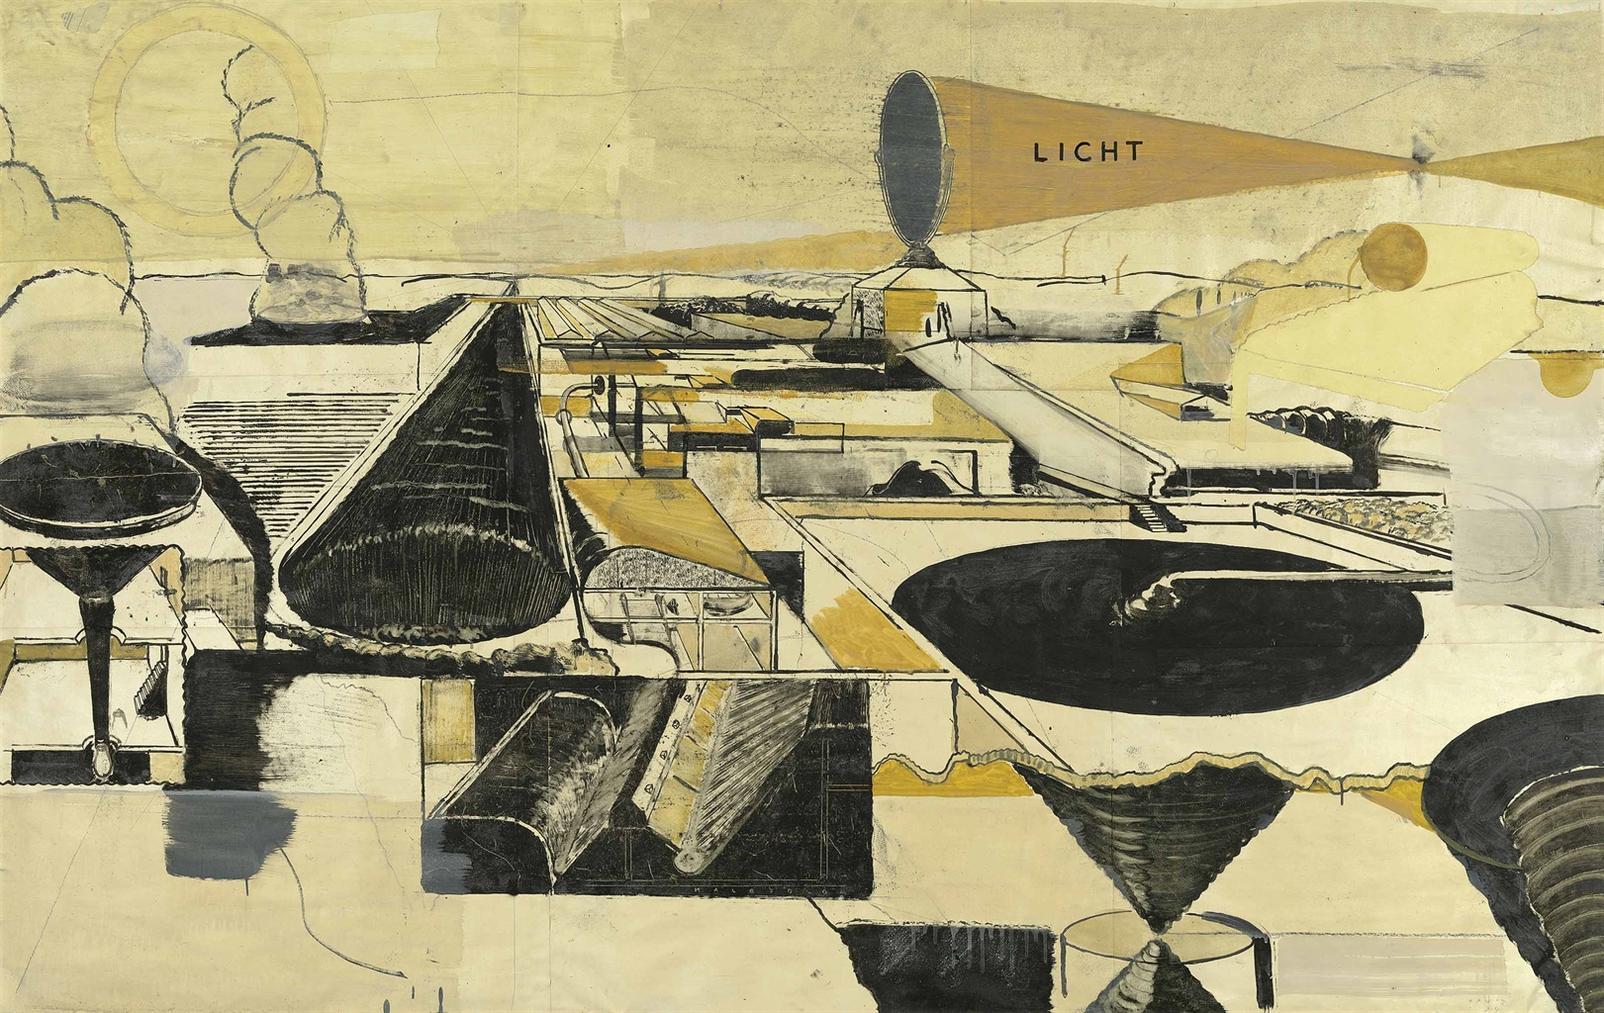 Neo Rauch-Licht-1994